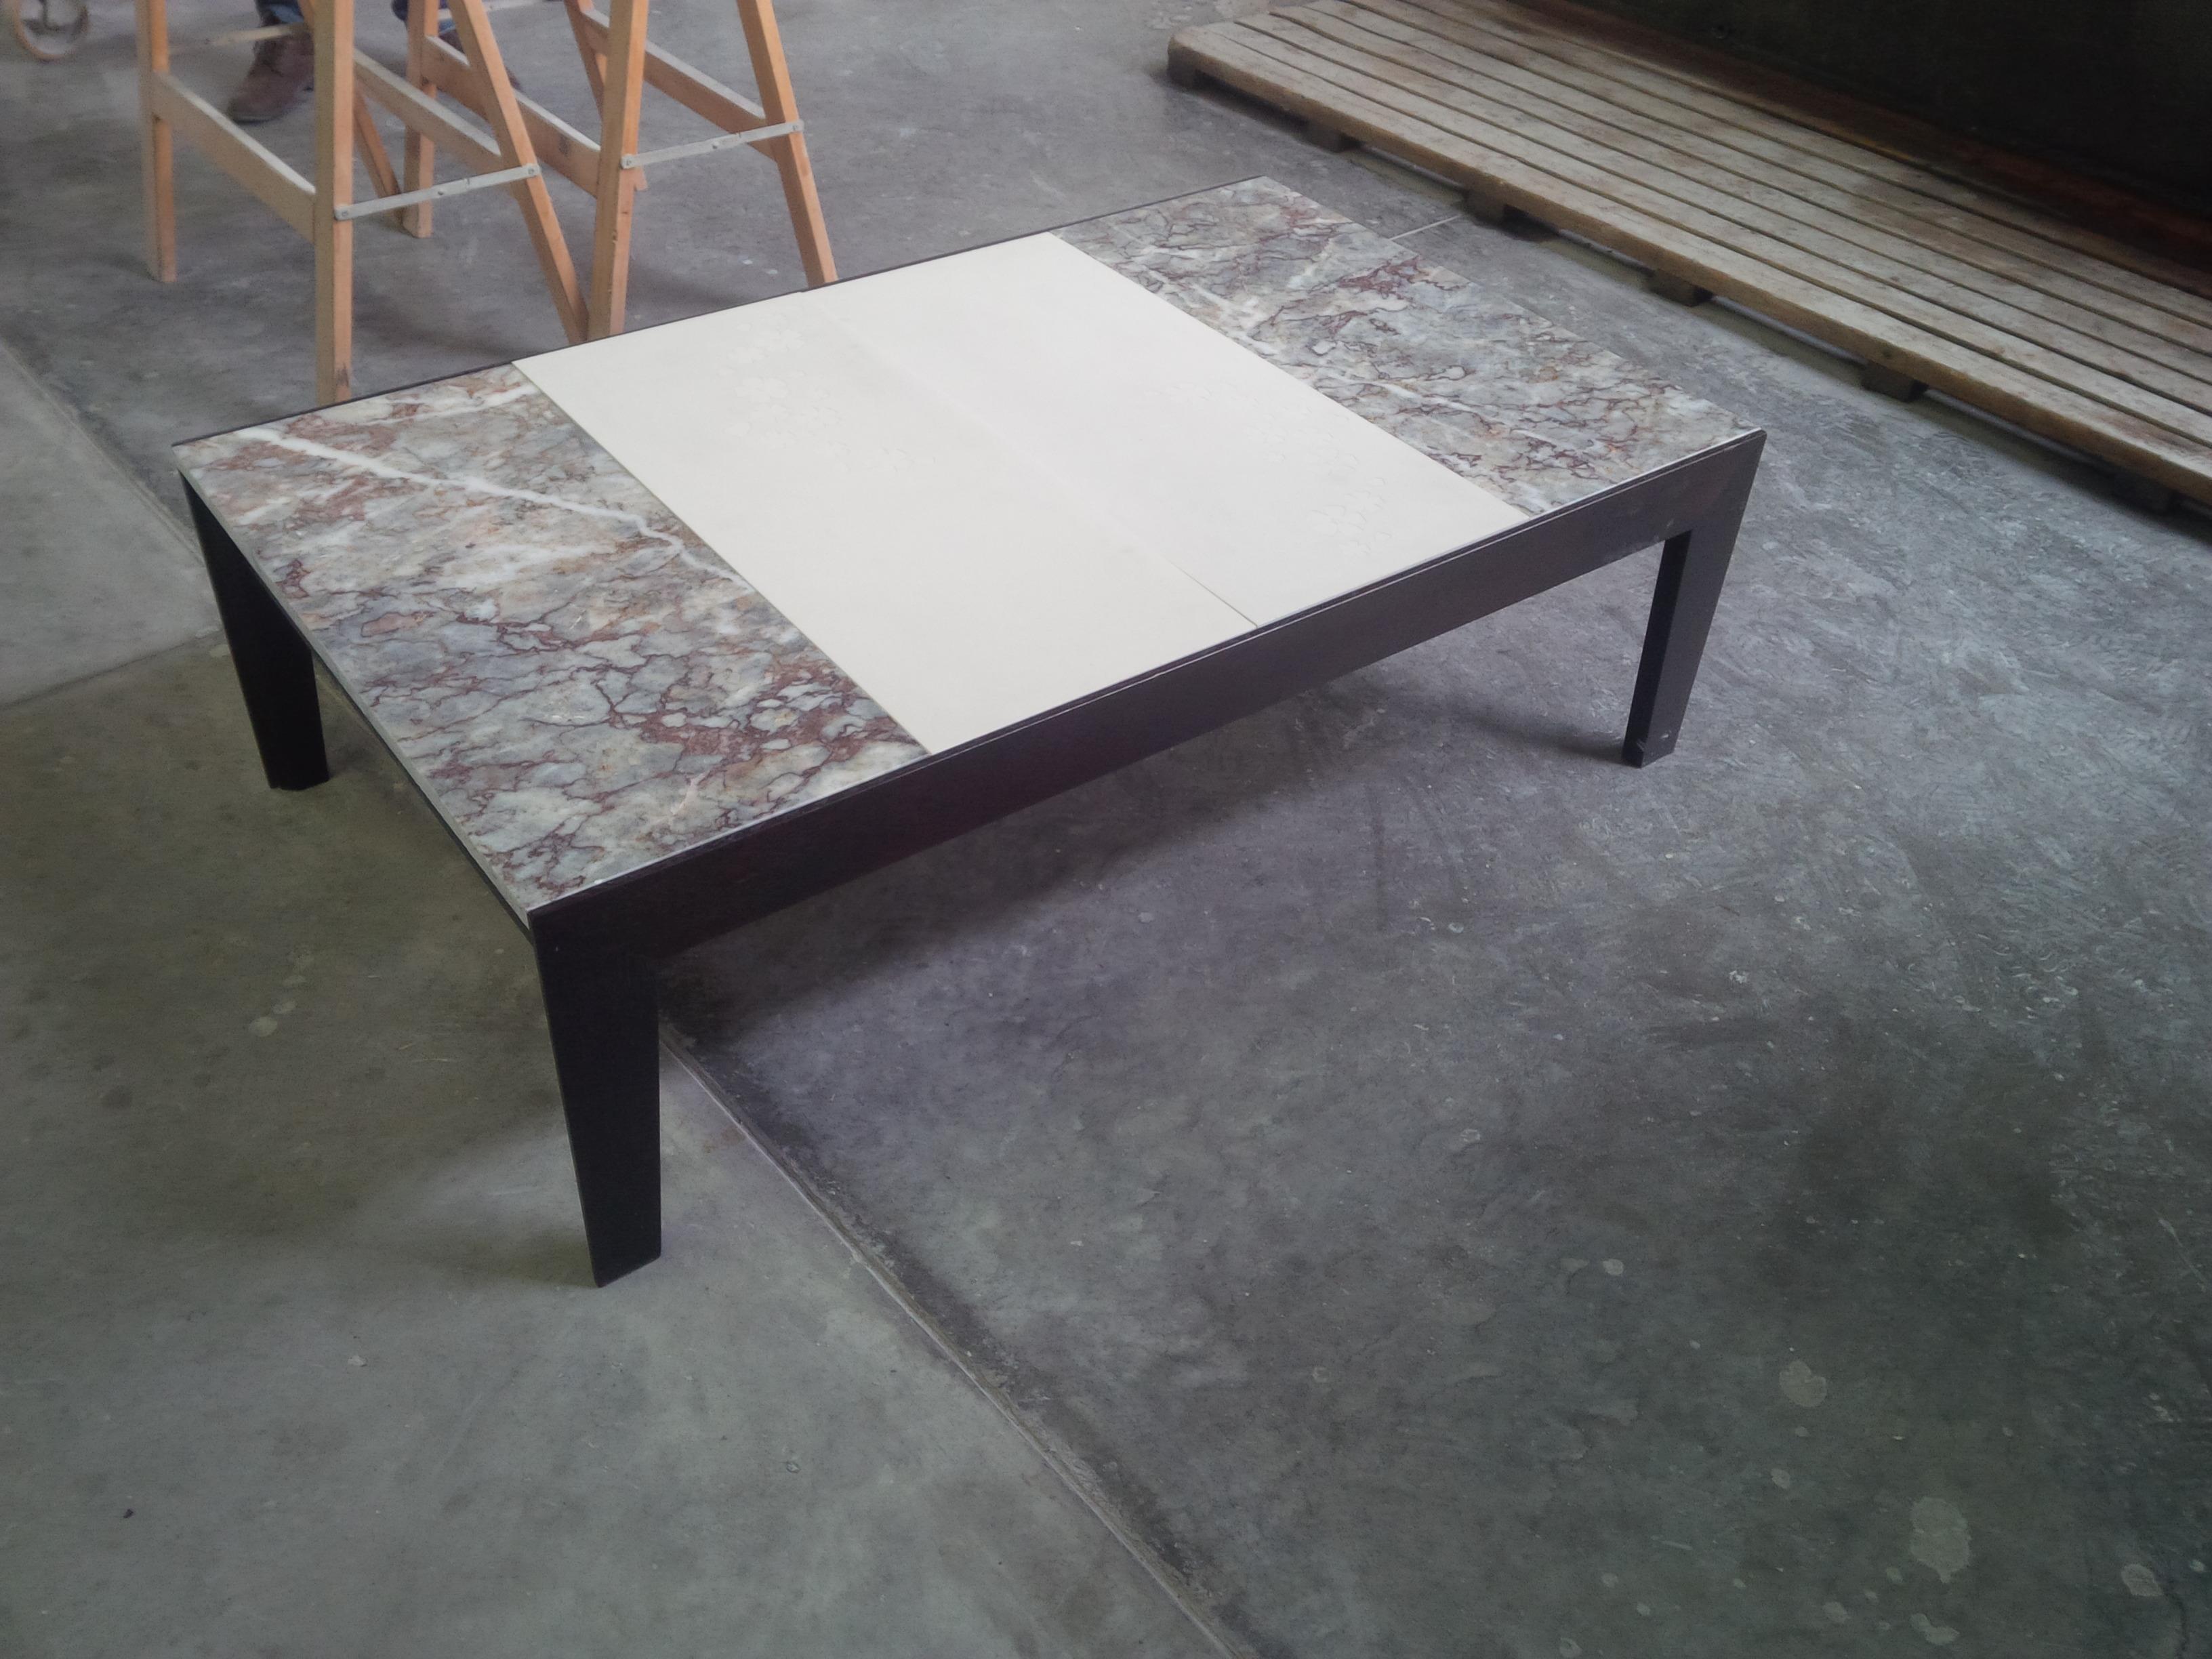 tavolo con marmo e cemento